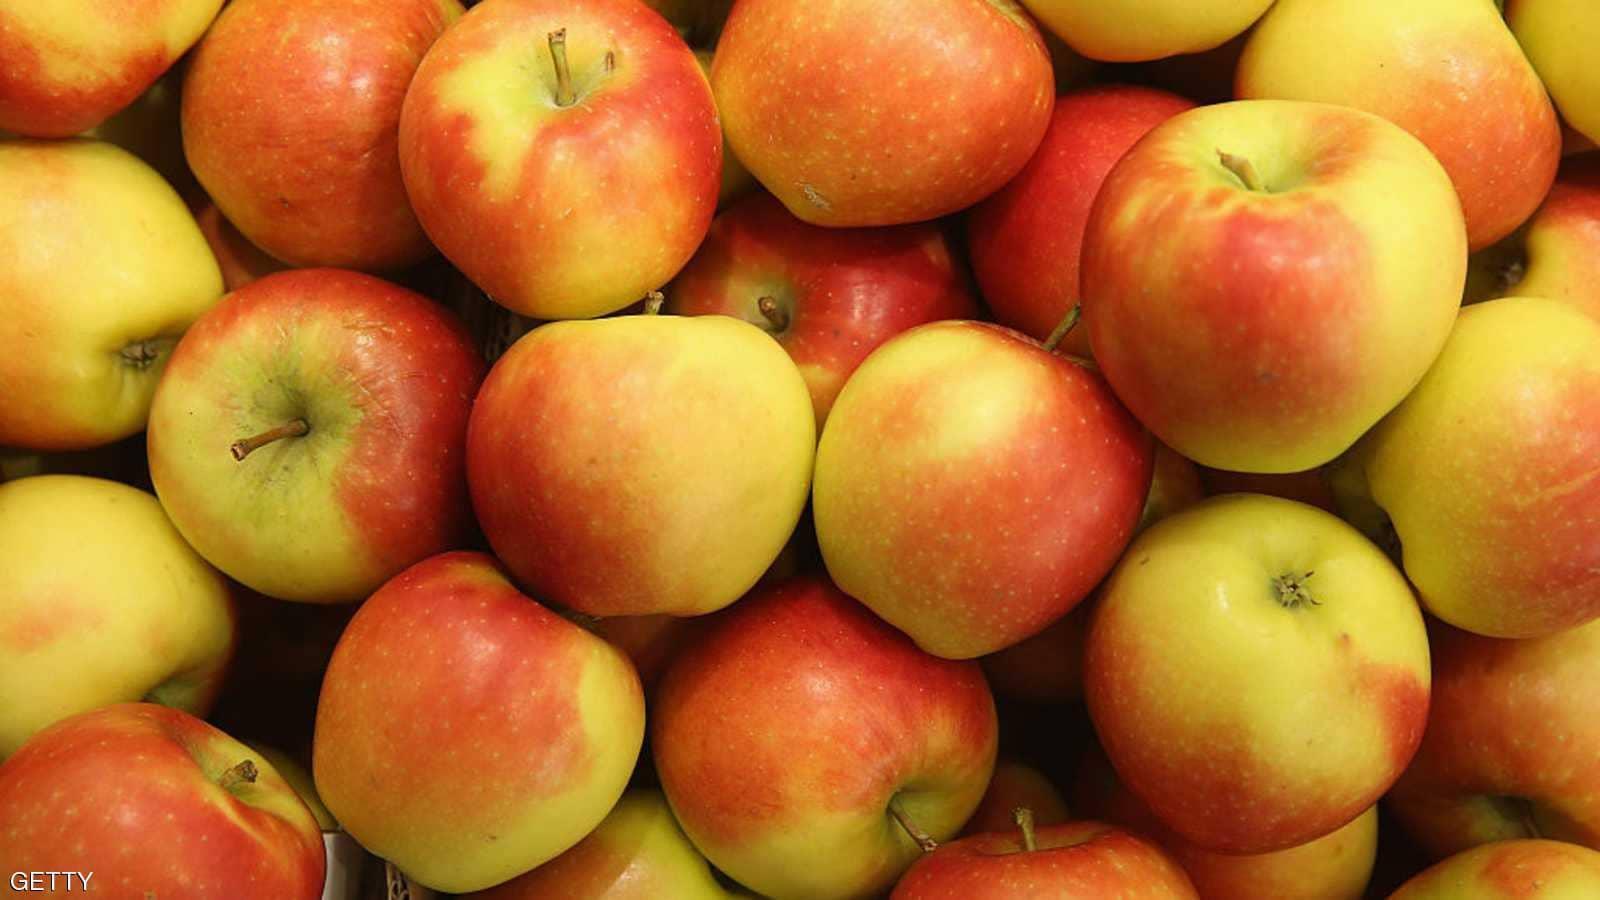 التفاح يقي من الإصابة بأمراض خطيرة